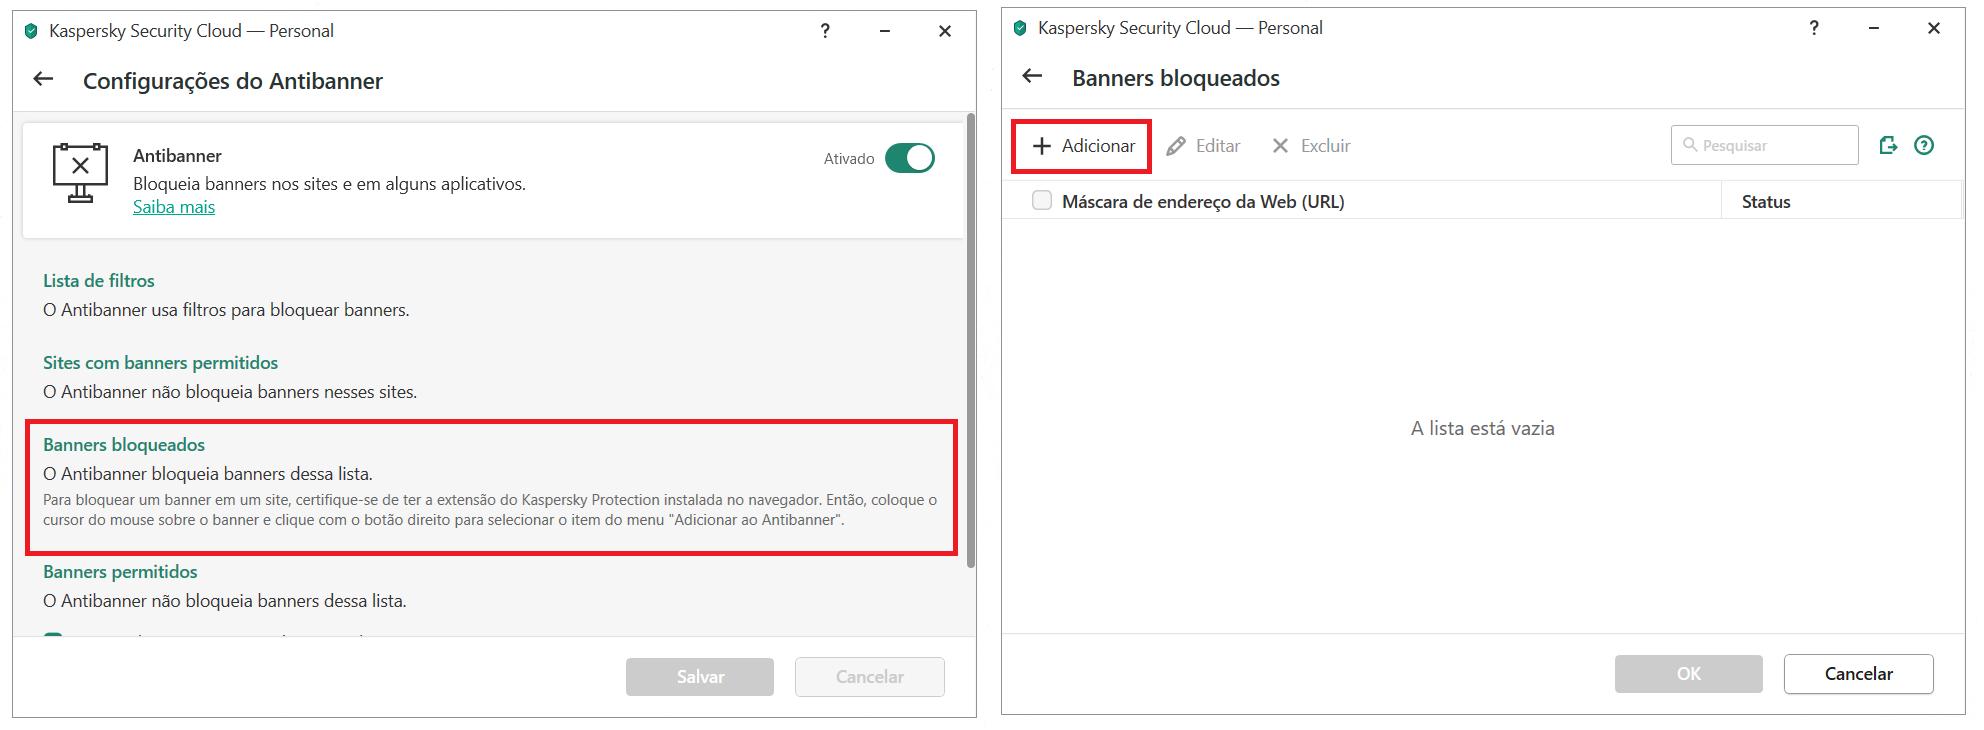 Adicionando um banner à lista de bloqueio no Kaspersky Security Cloud